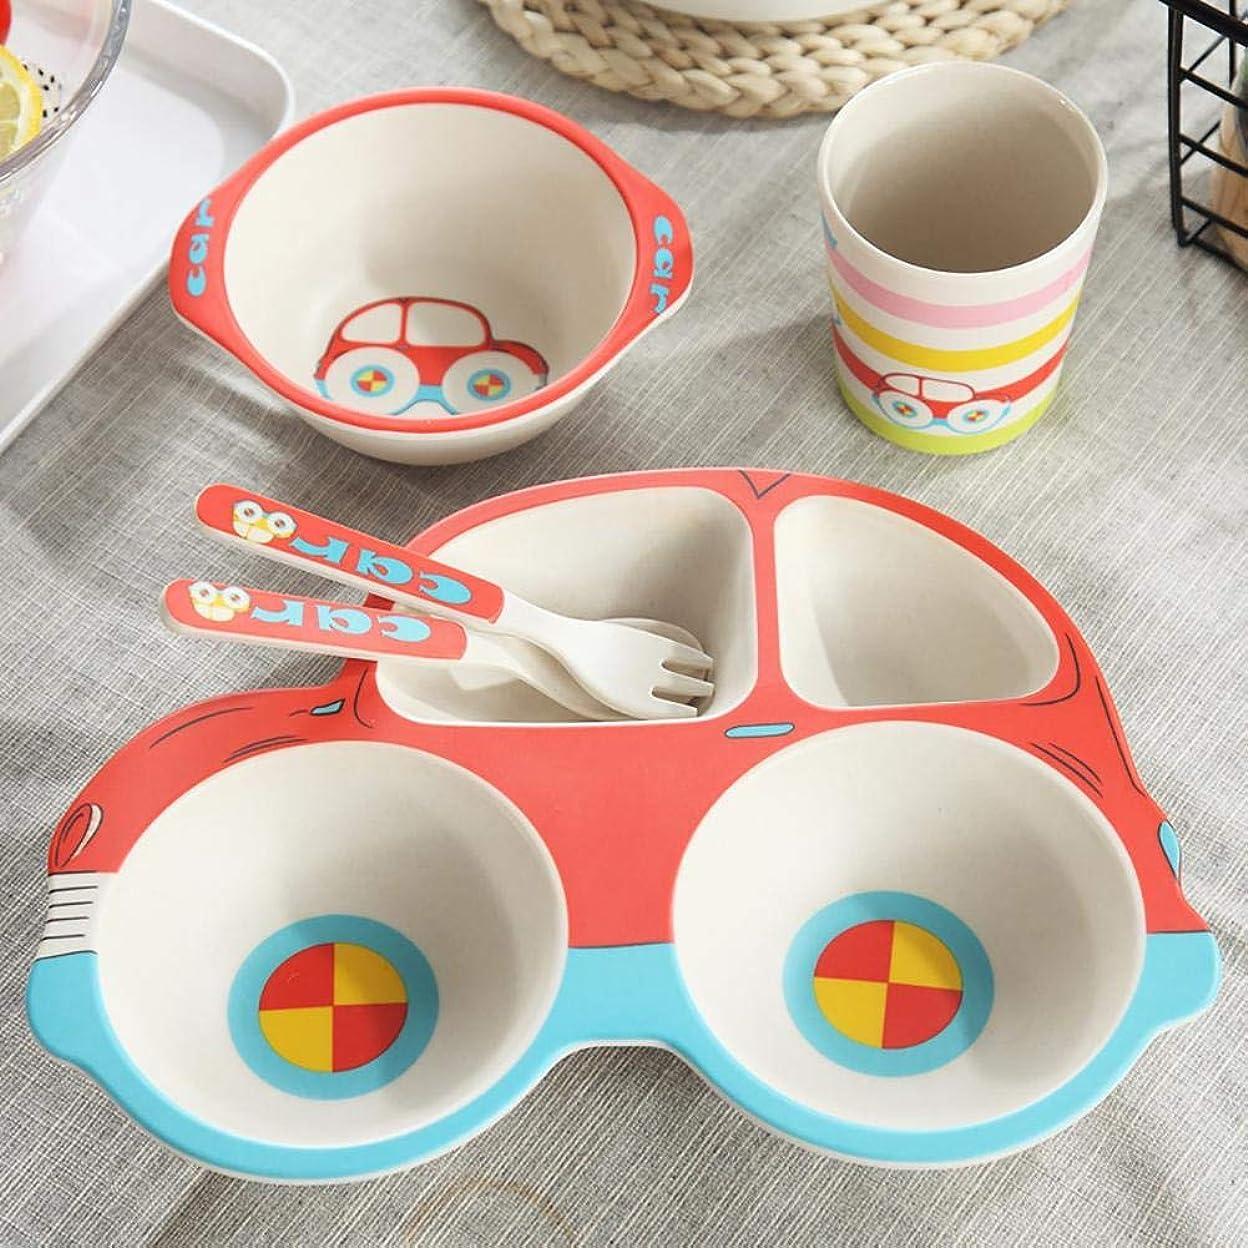 Easylifee 子ども用食器セット がっこう キッズ ベビー ランチプレート ランチ皿 食器 子ども用食器セット5点